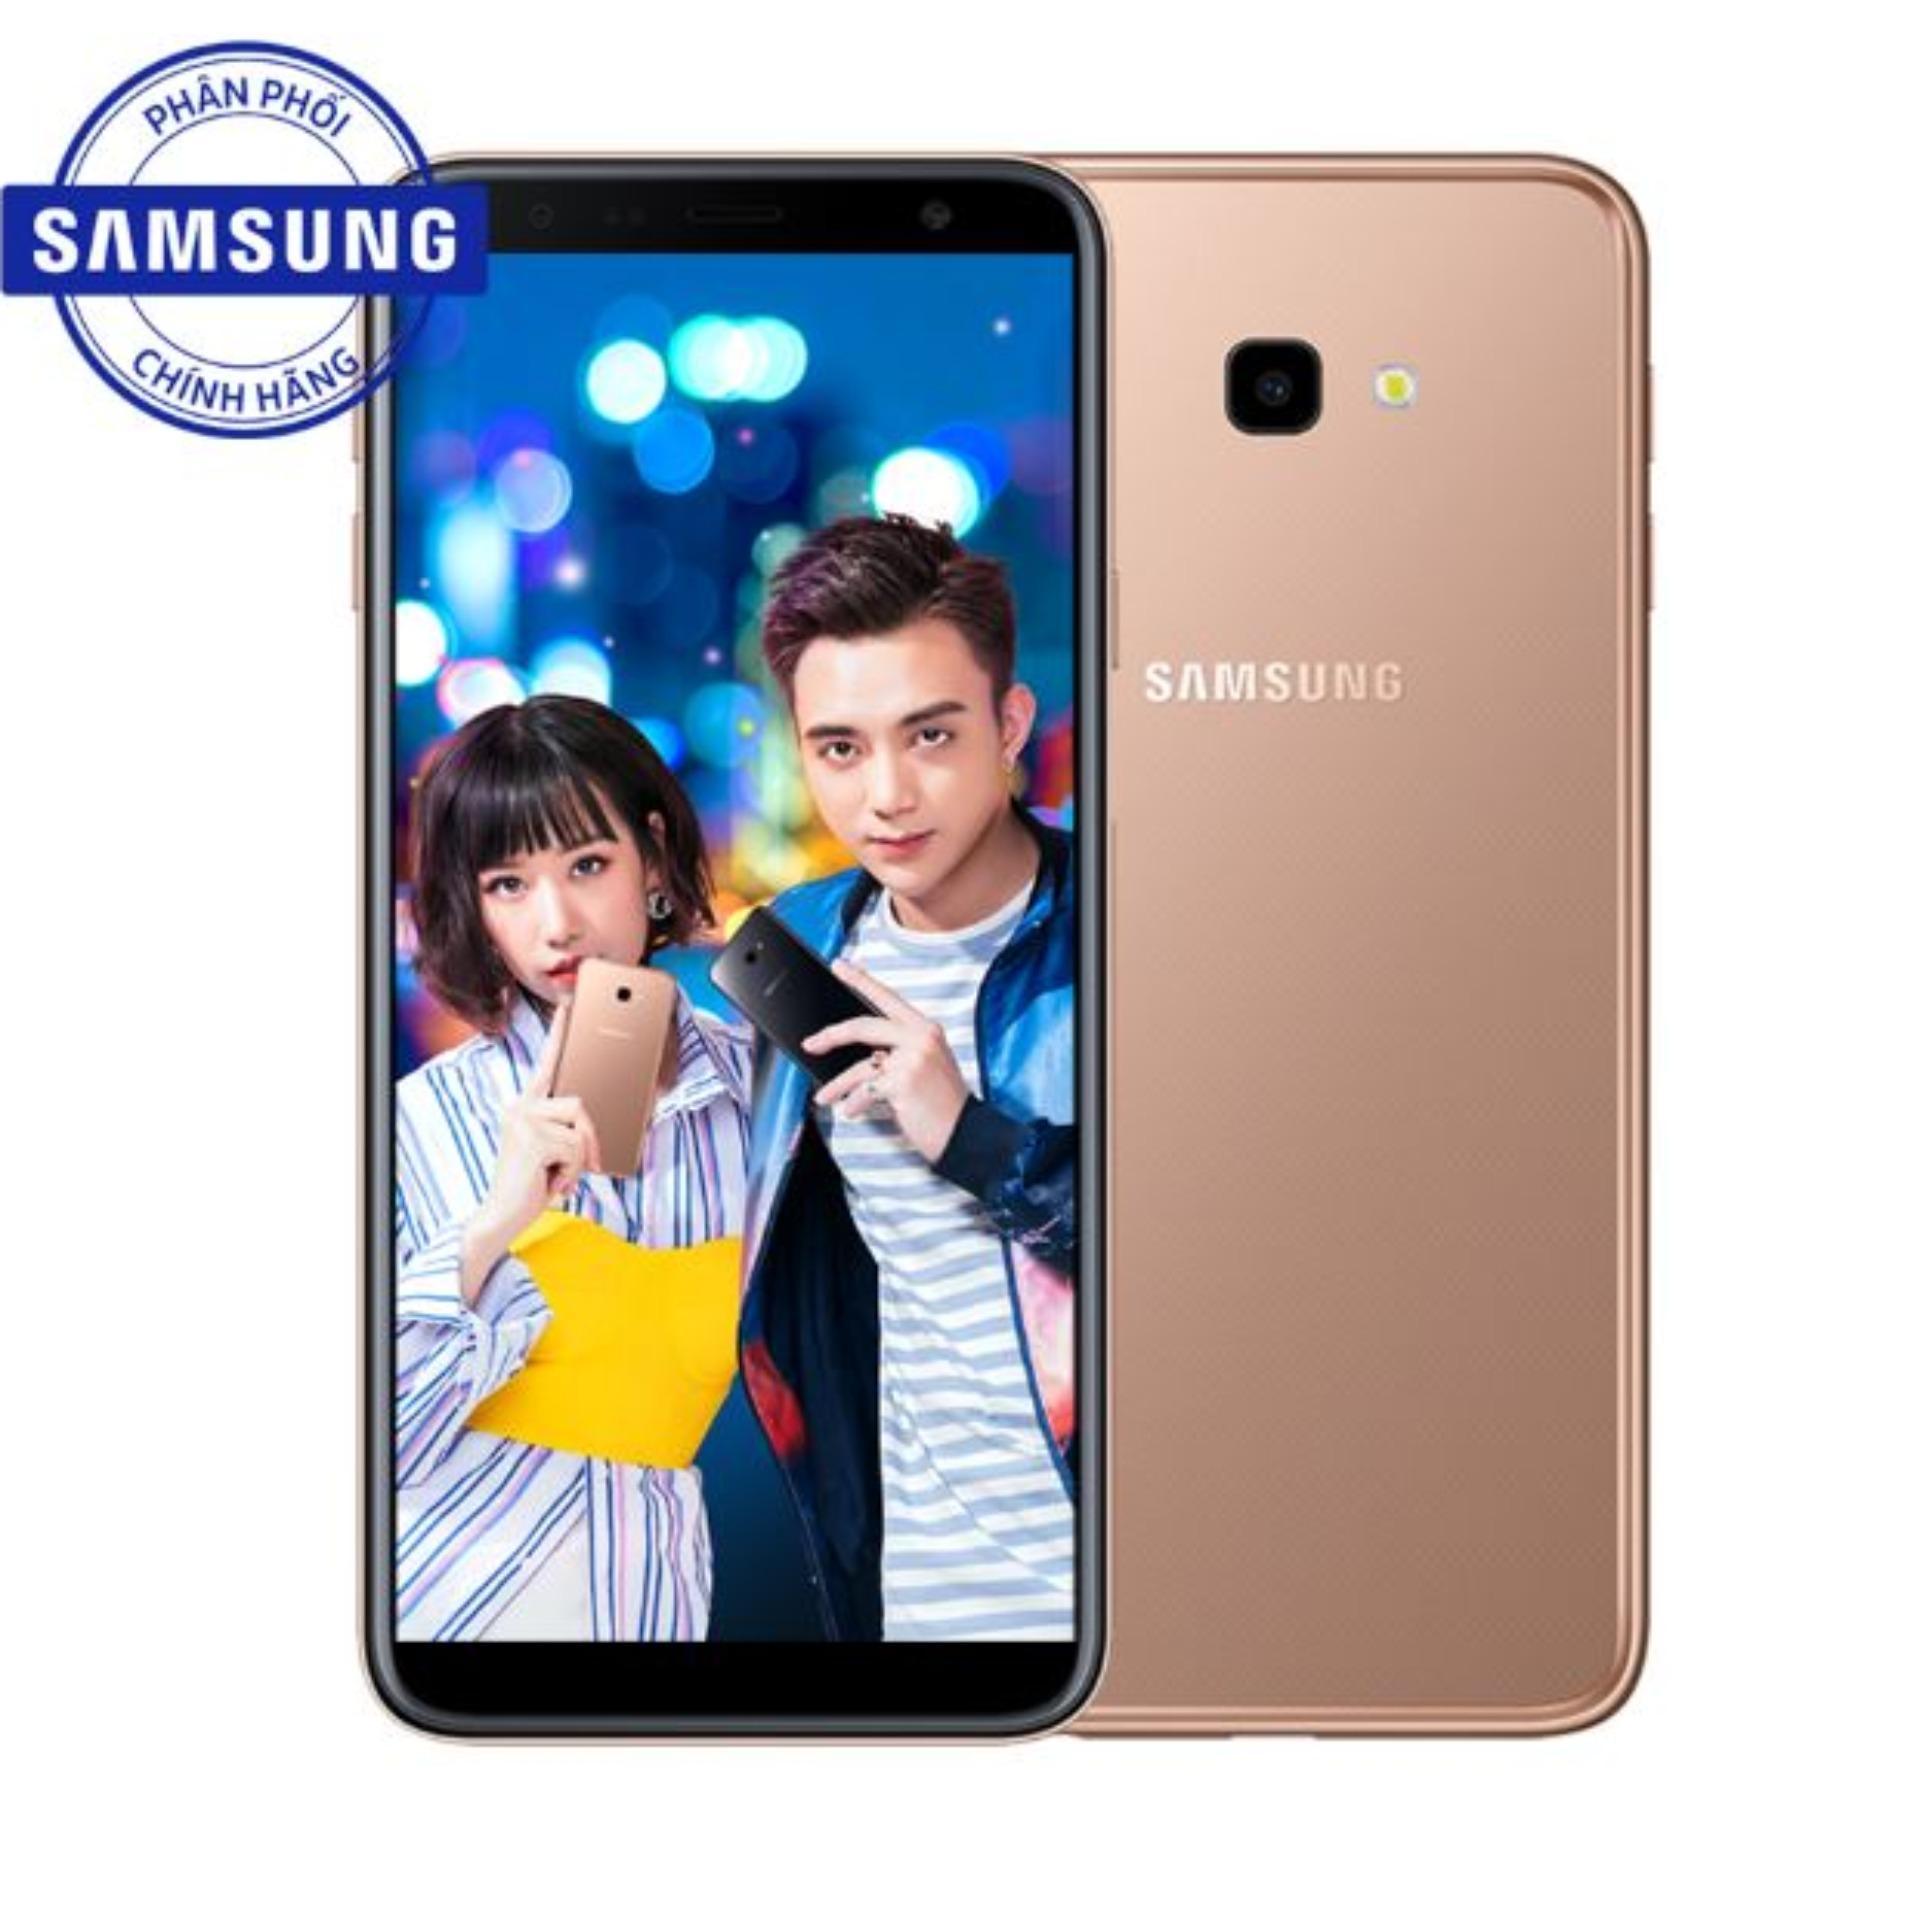 Samsung Galaxy J4+ (2GB/32GB) - Hàng phân phối chính hãng